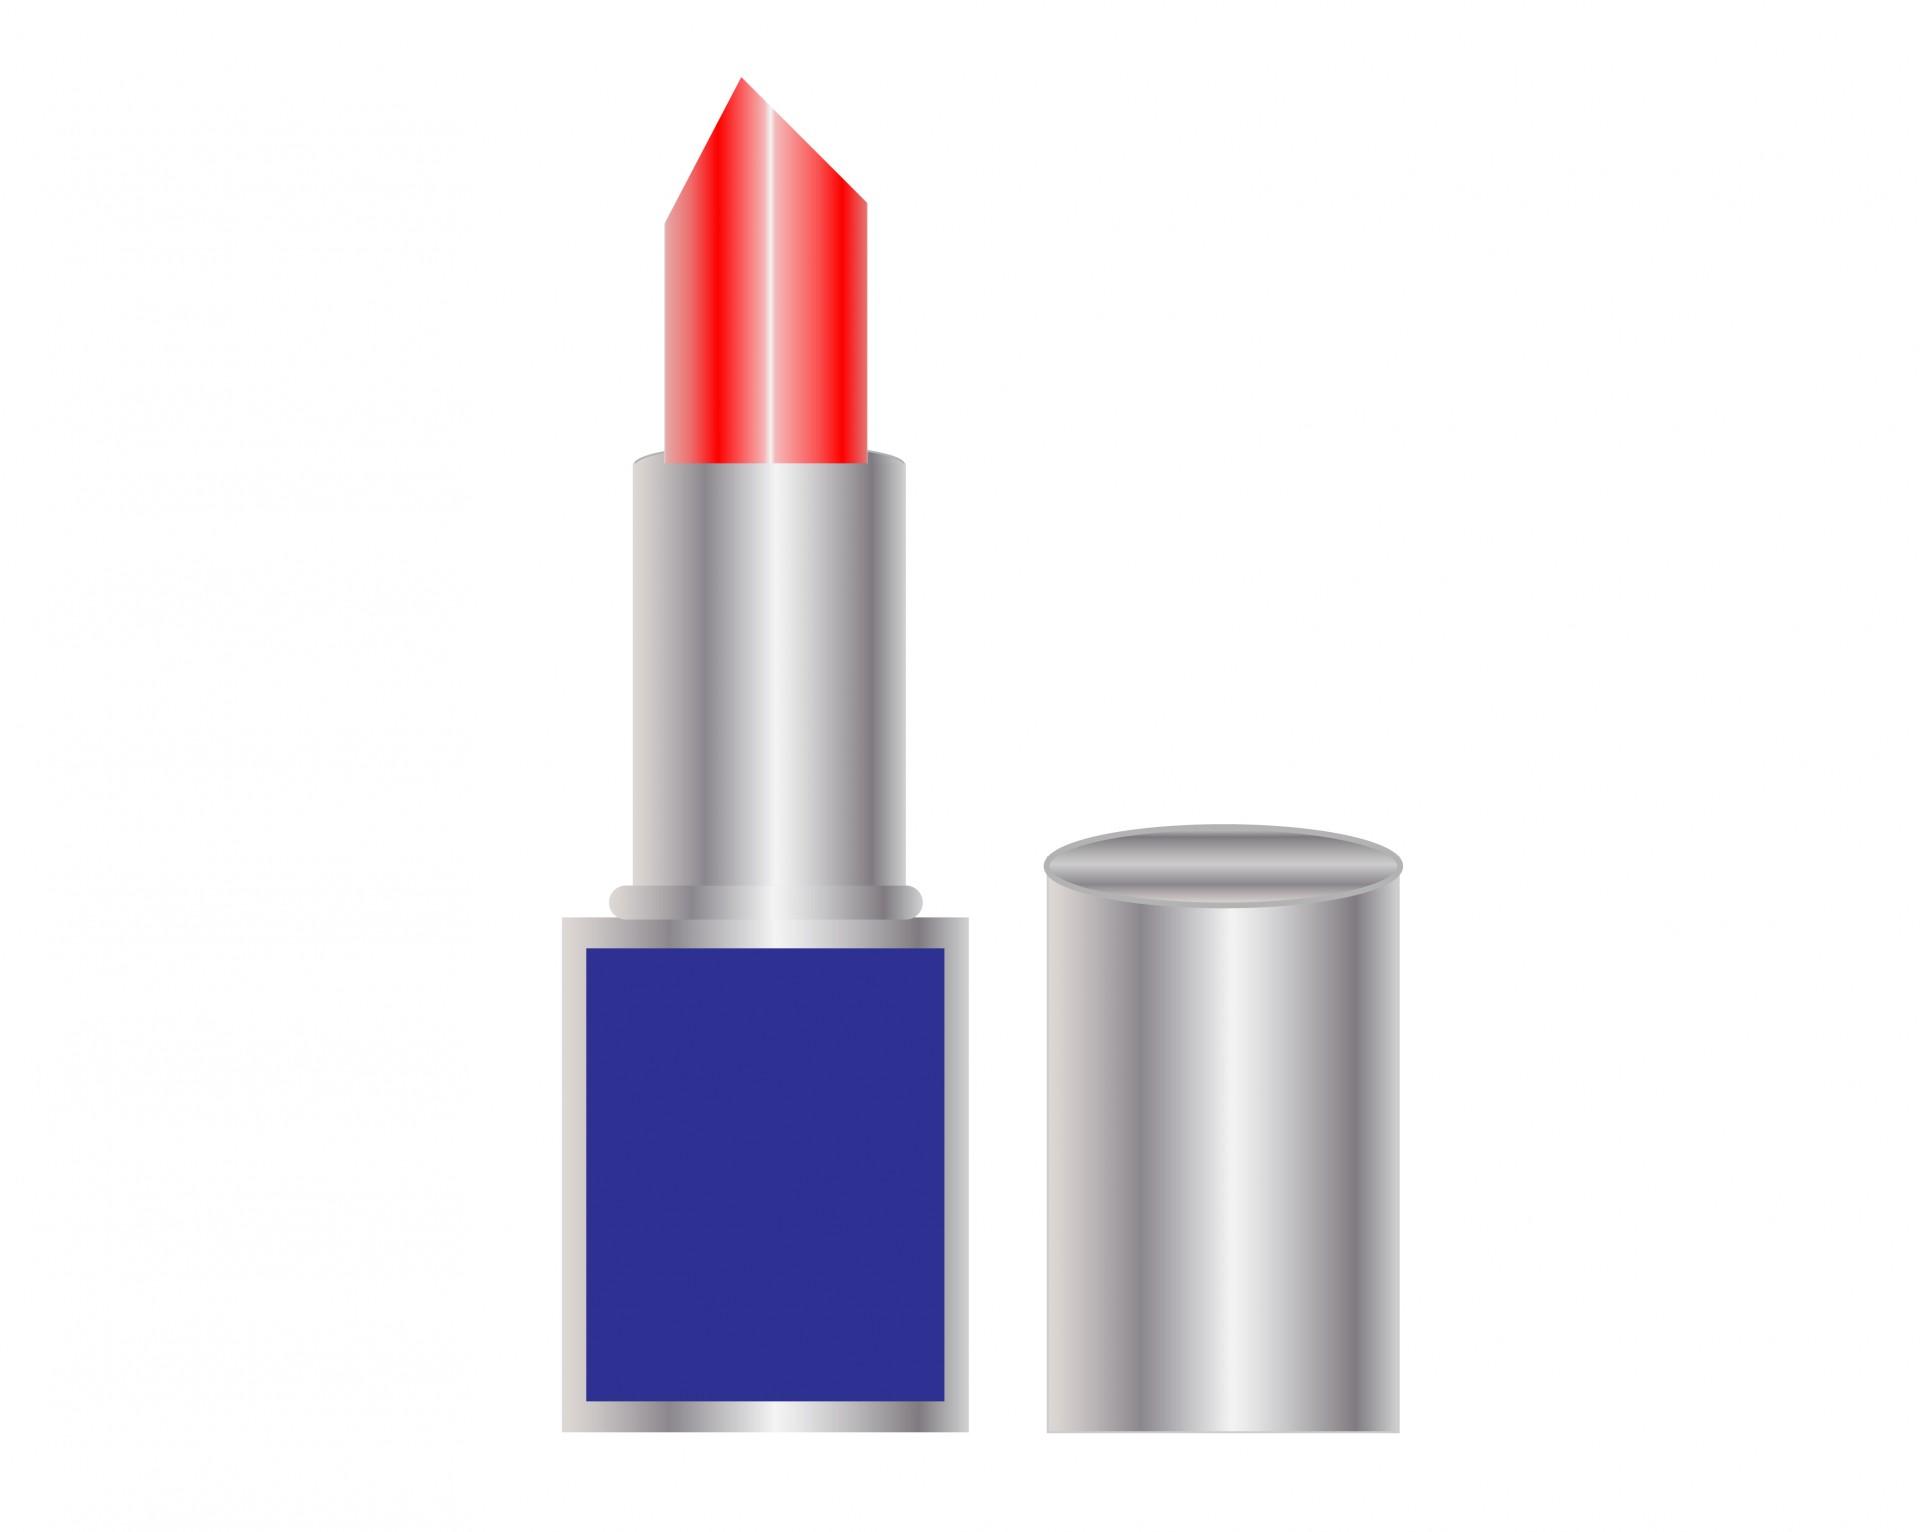 Free stock photo public. Lipstick clipart